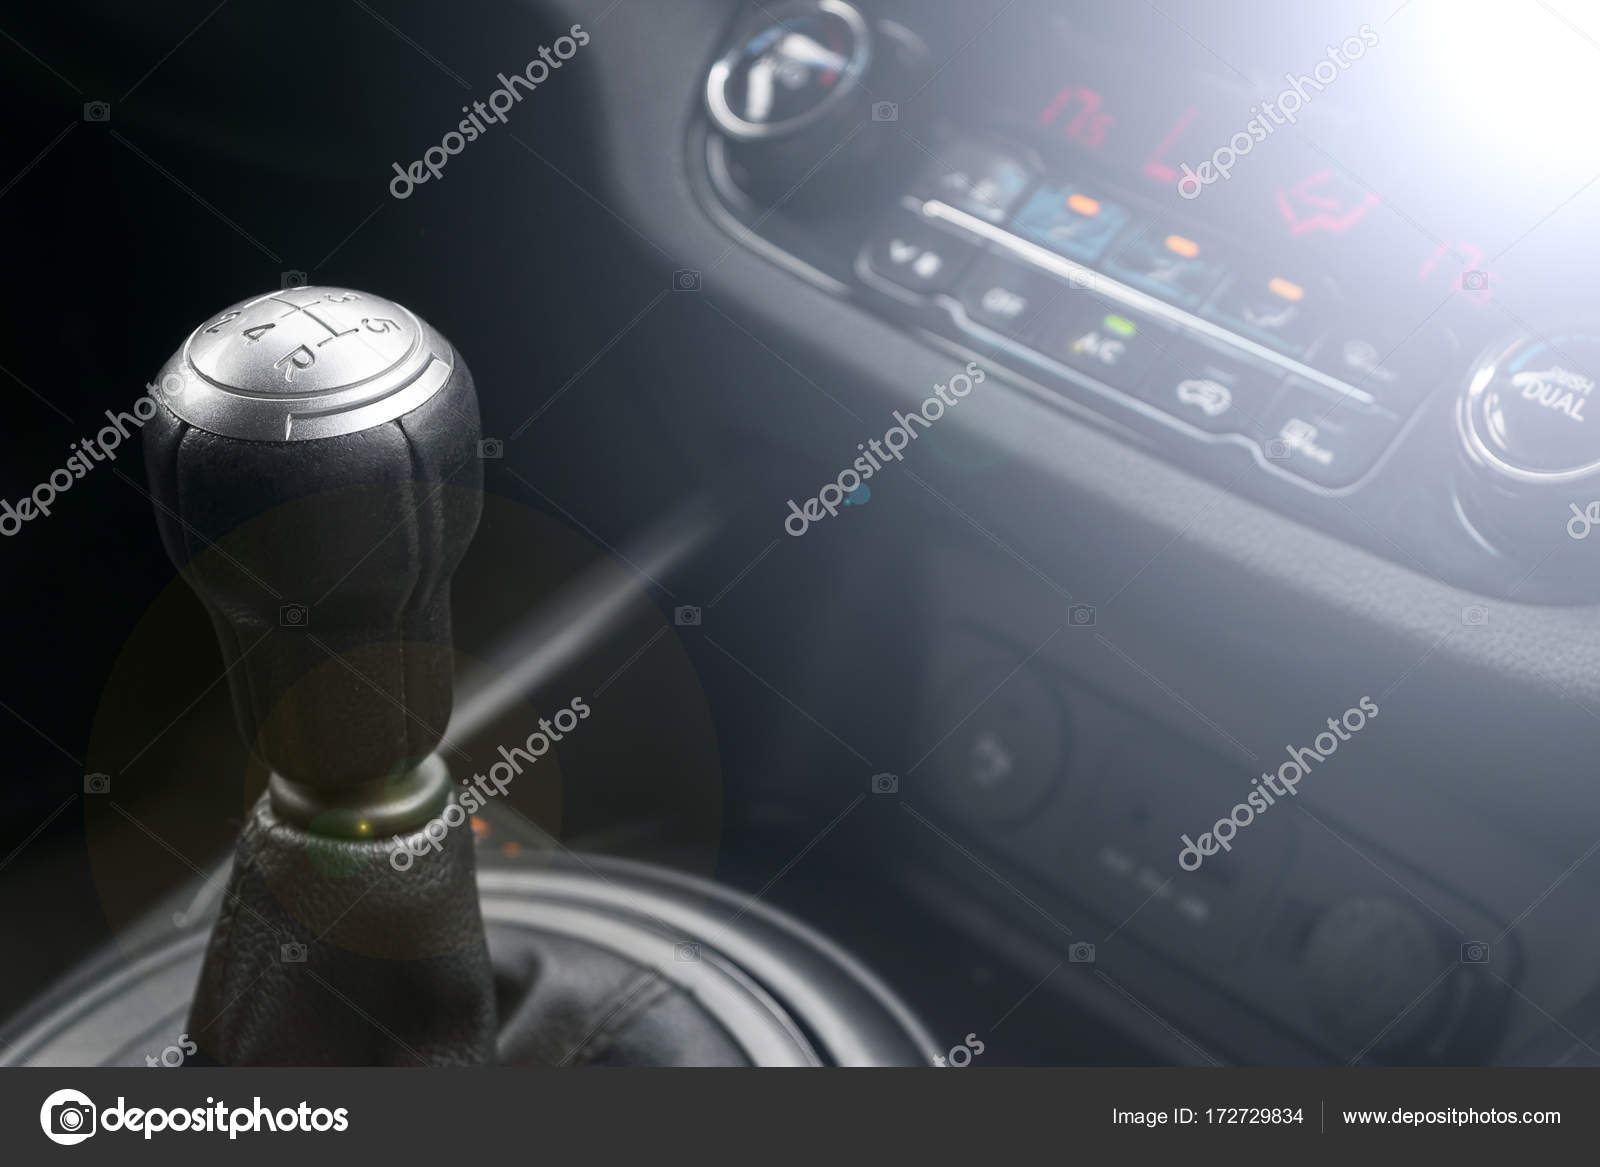 handgeschakelde versnellingsbak auto interieur details de transmissie van de auto zachte verlichting abstracte weergave foto van bigtunaonline